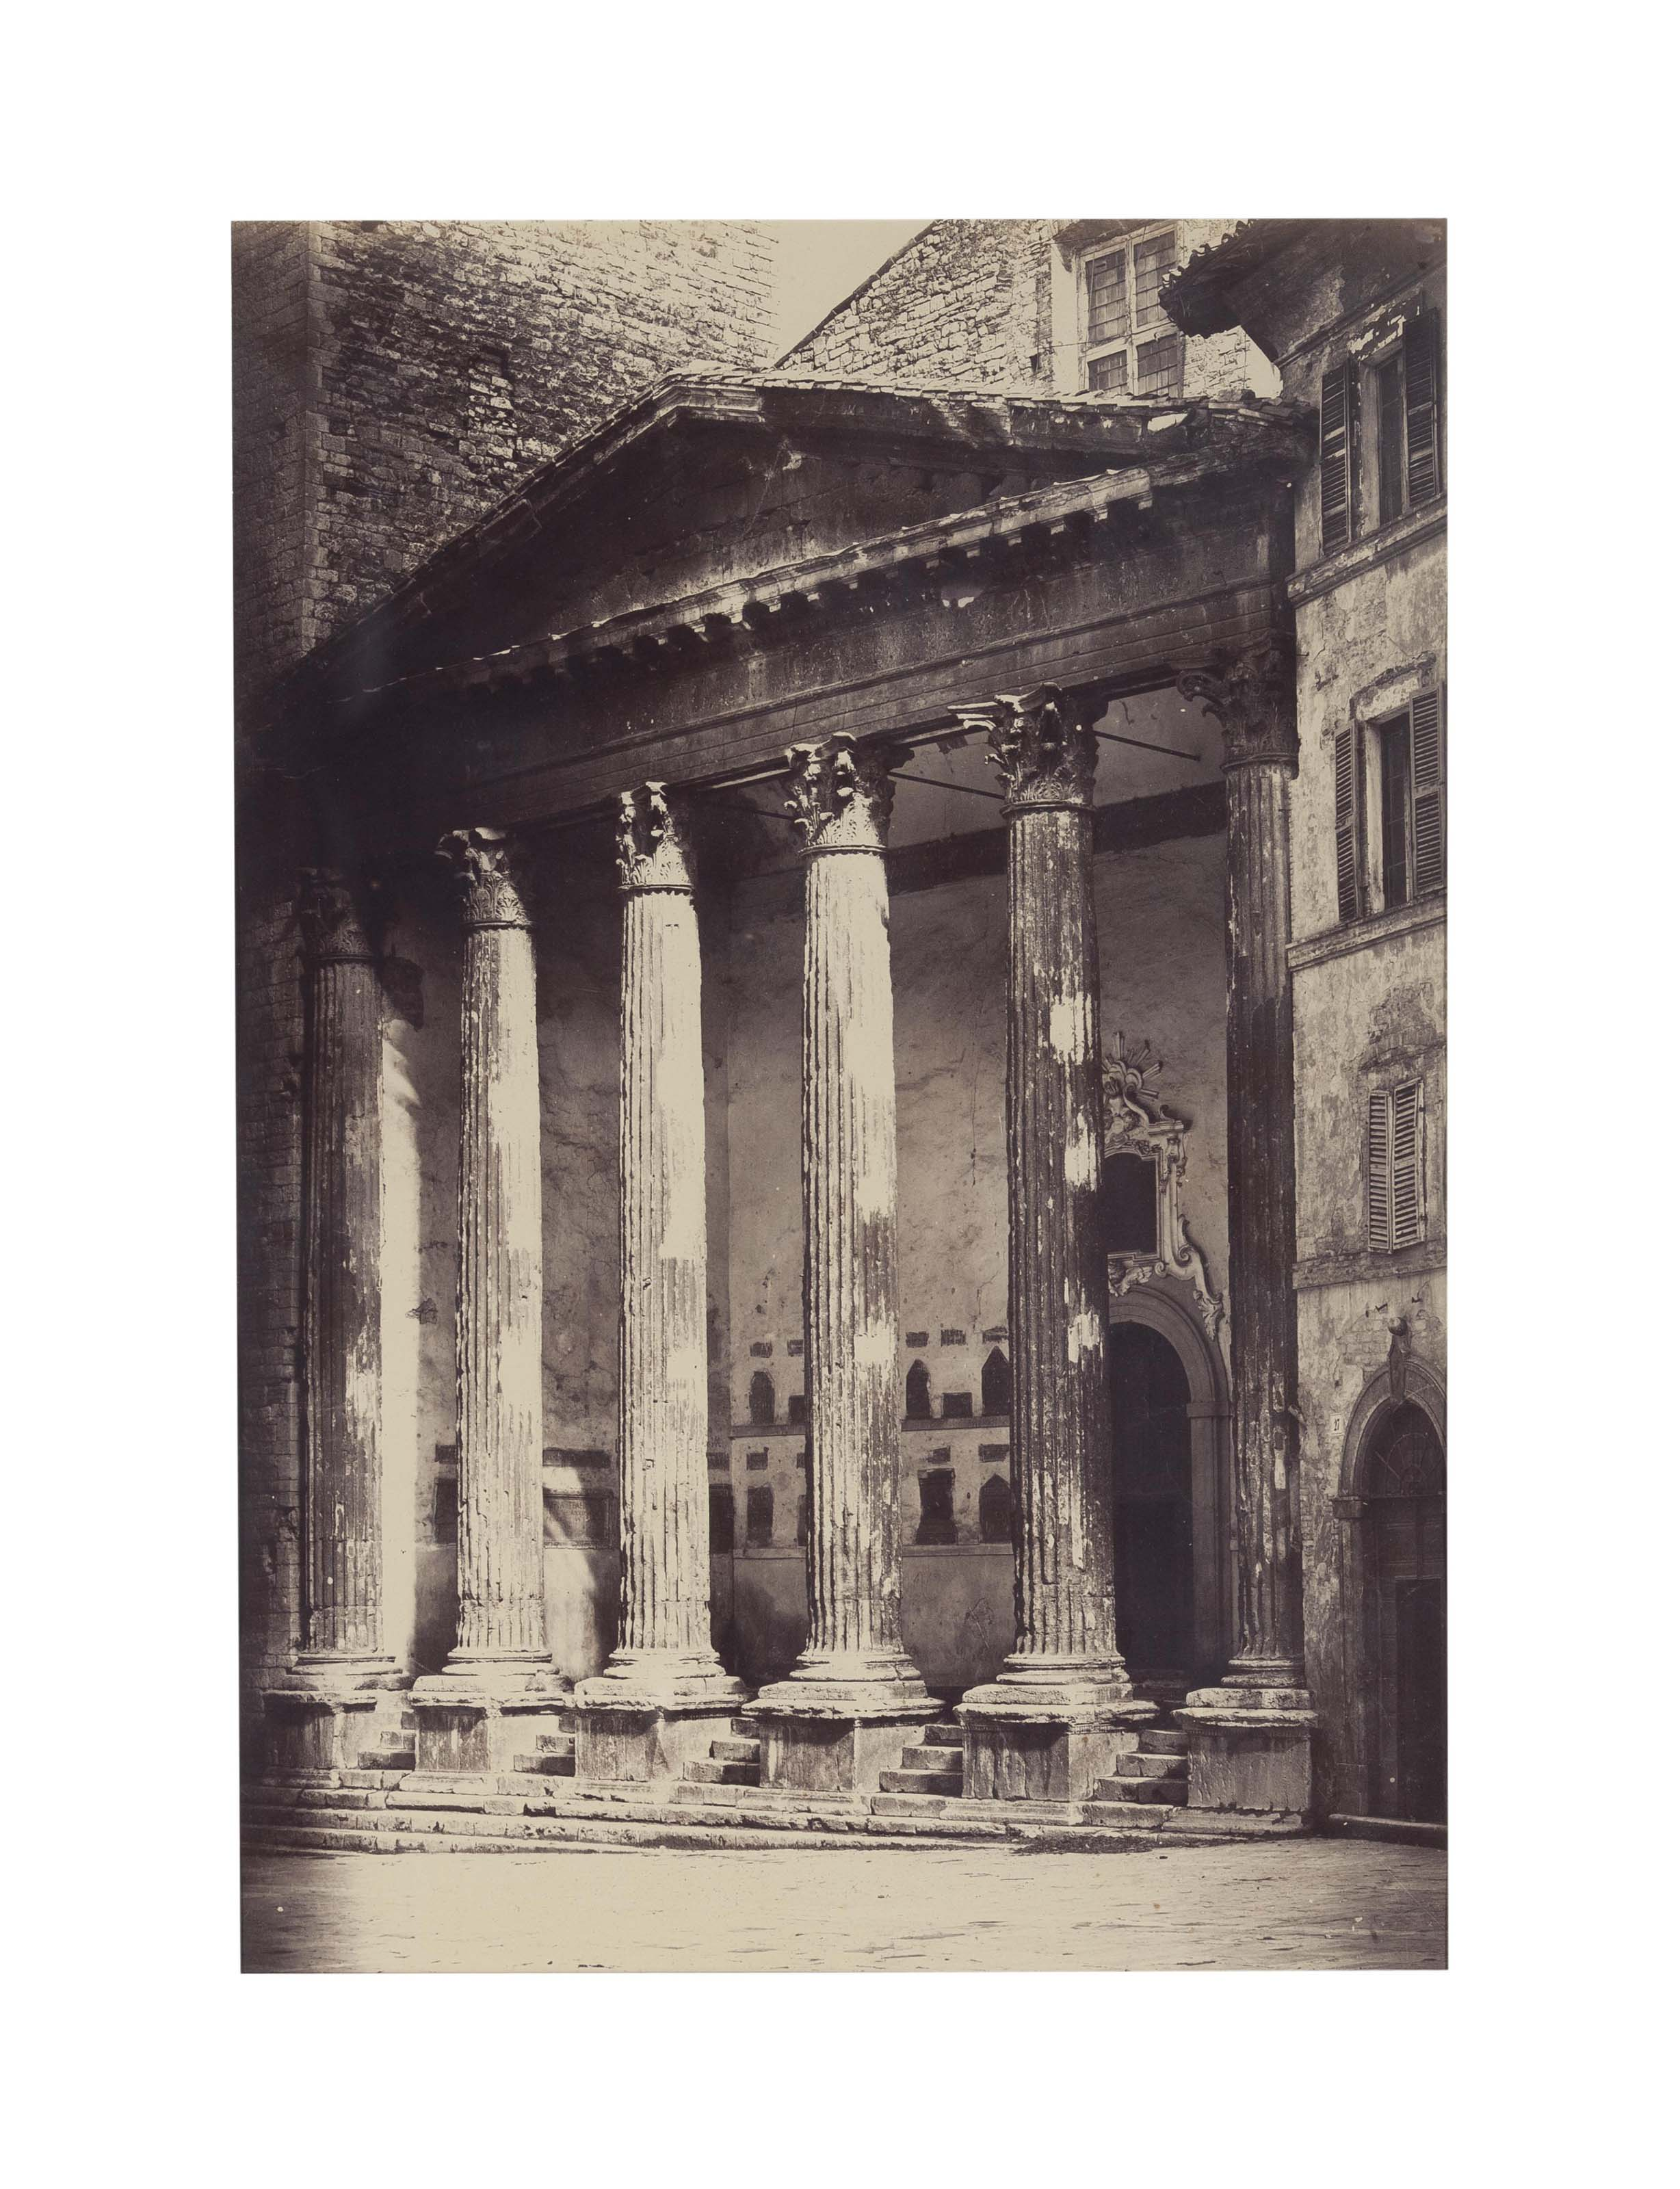 Roman Portico, c. 1860